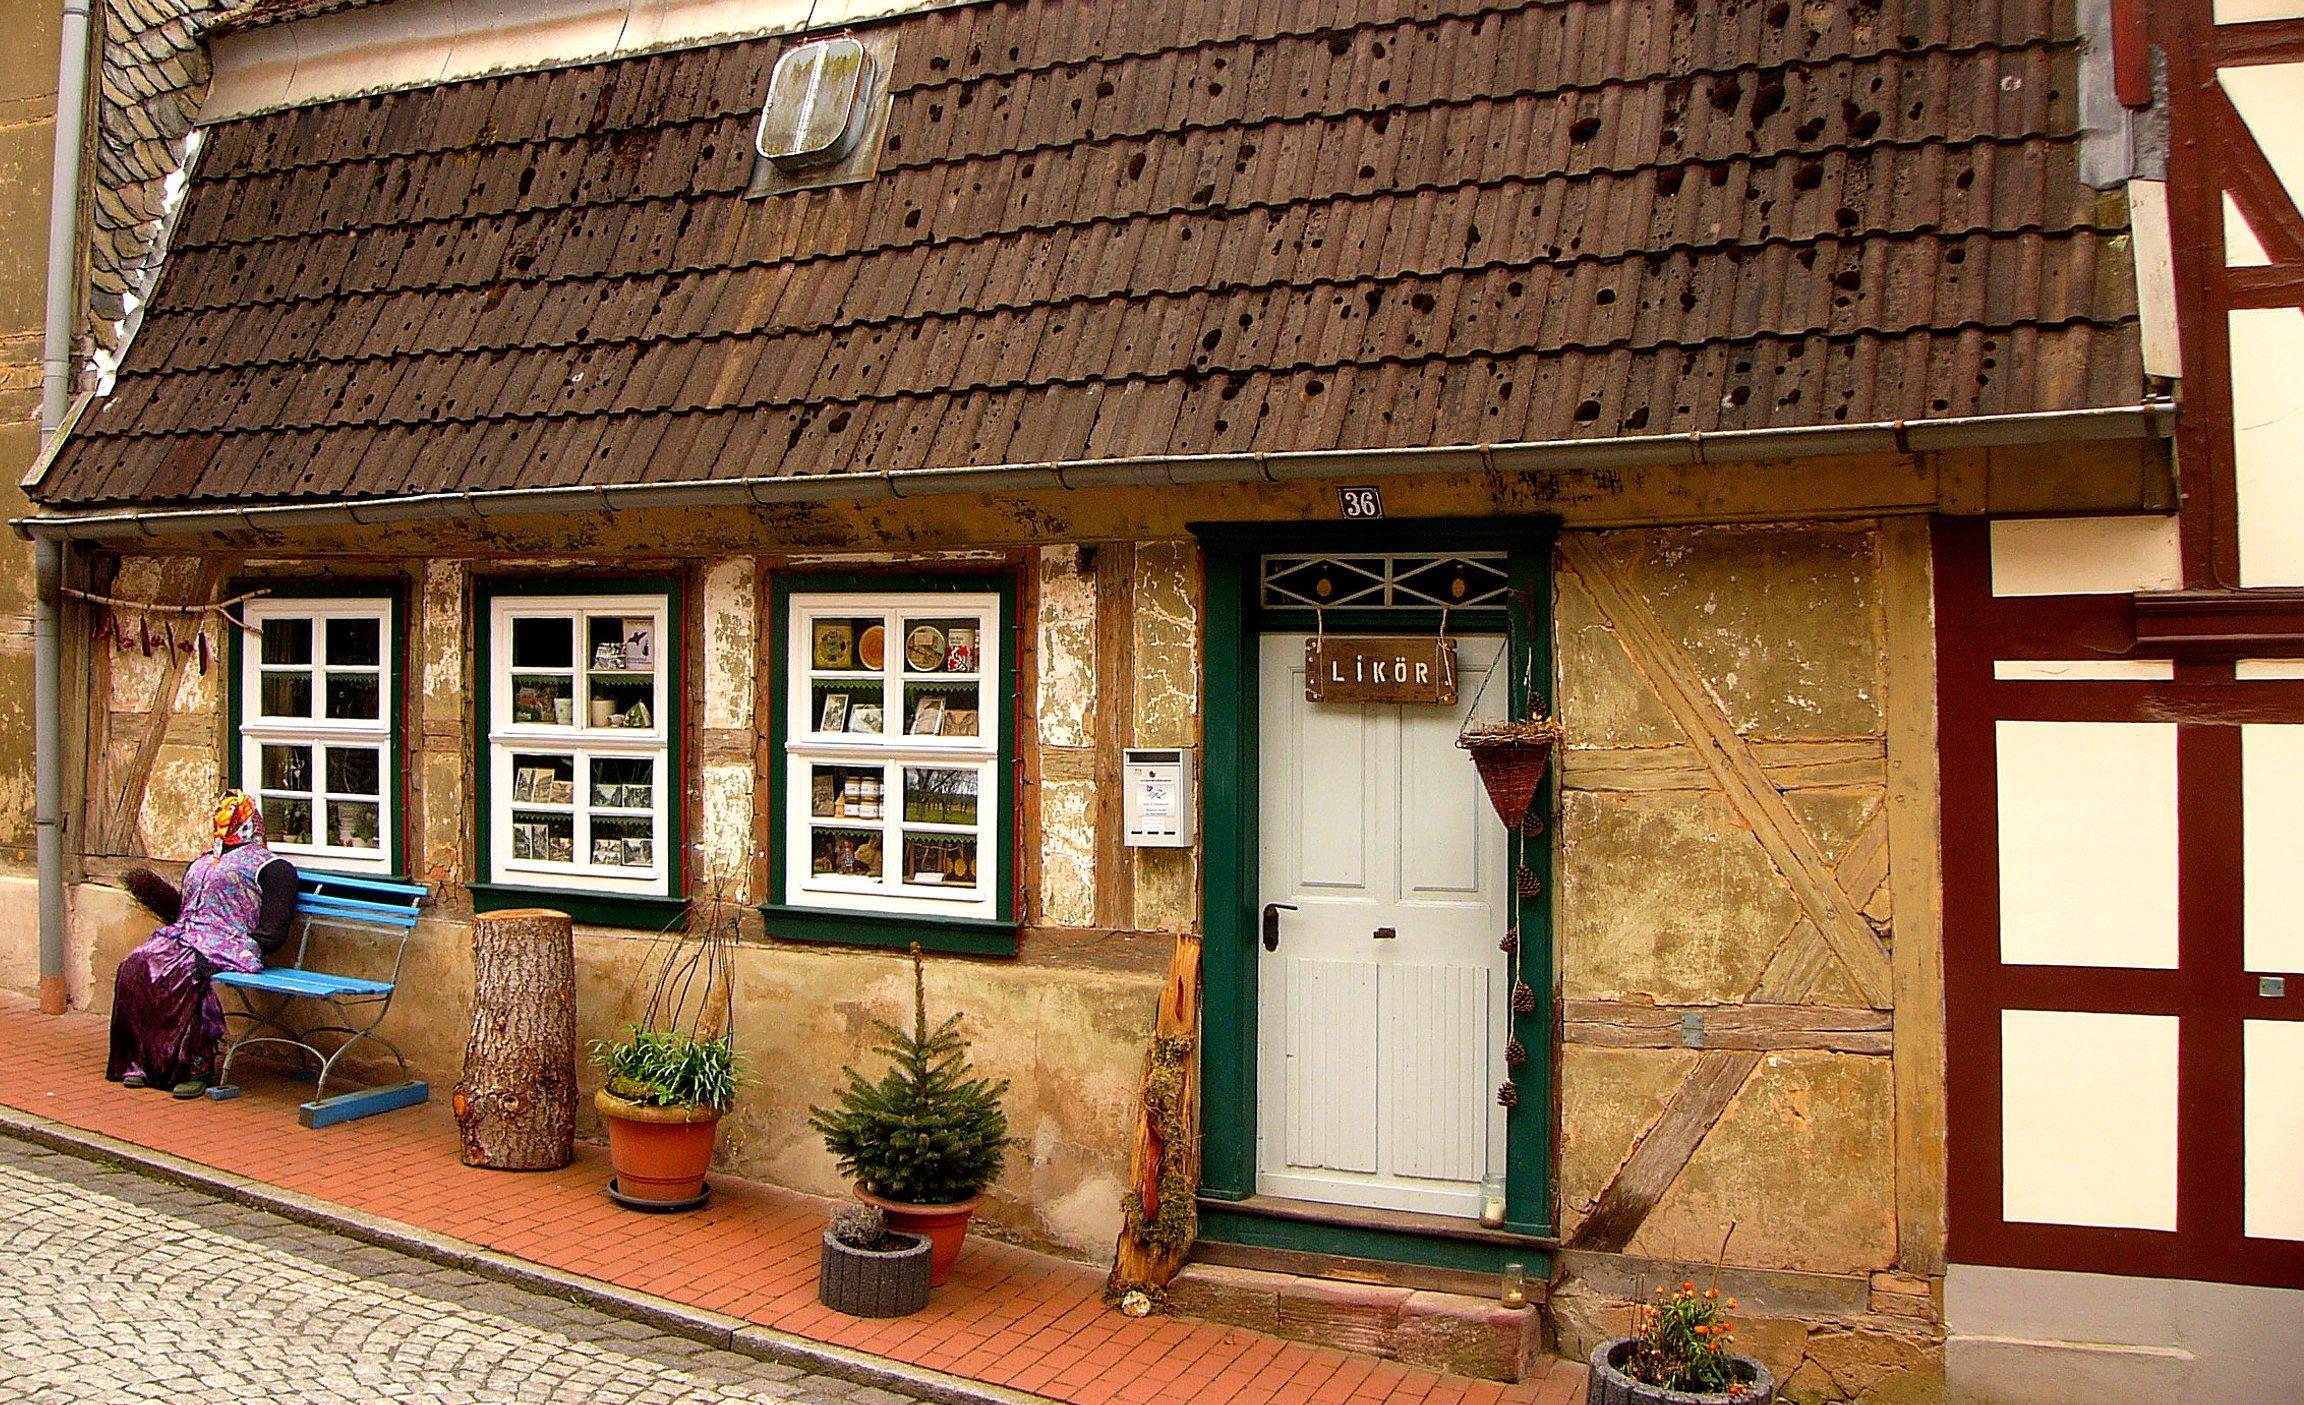 Typisch dorpshuizje in het centrum van Neustadt in Harz, Duitsland